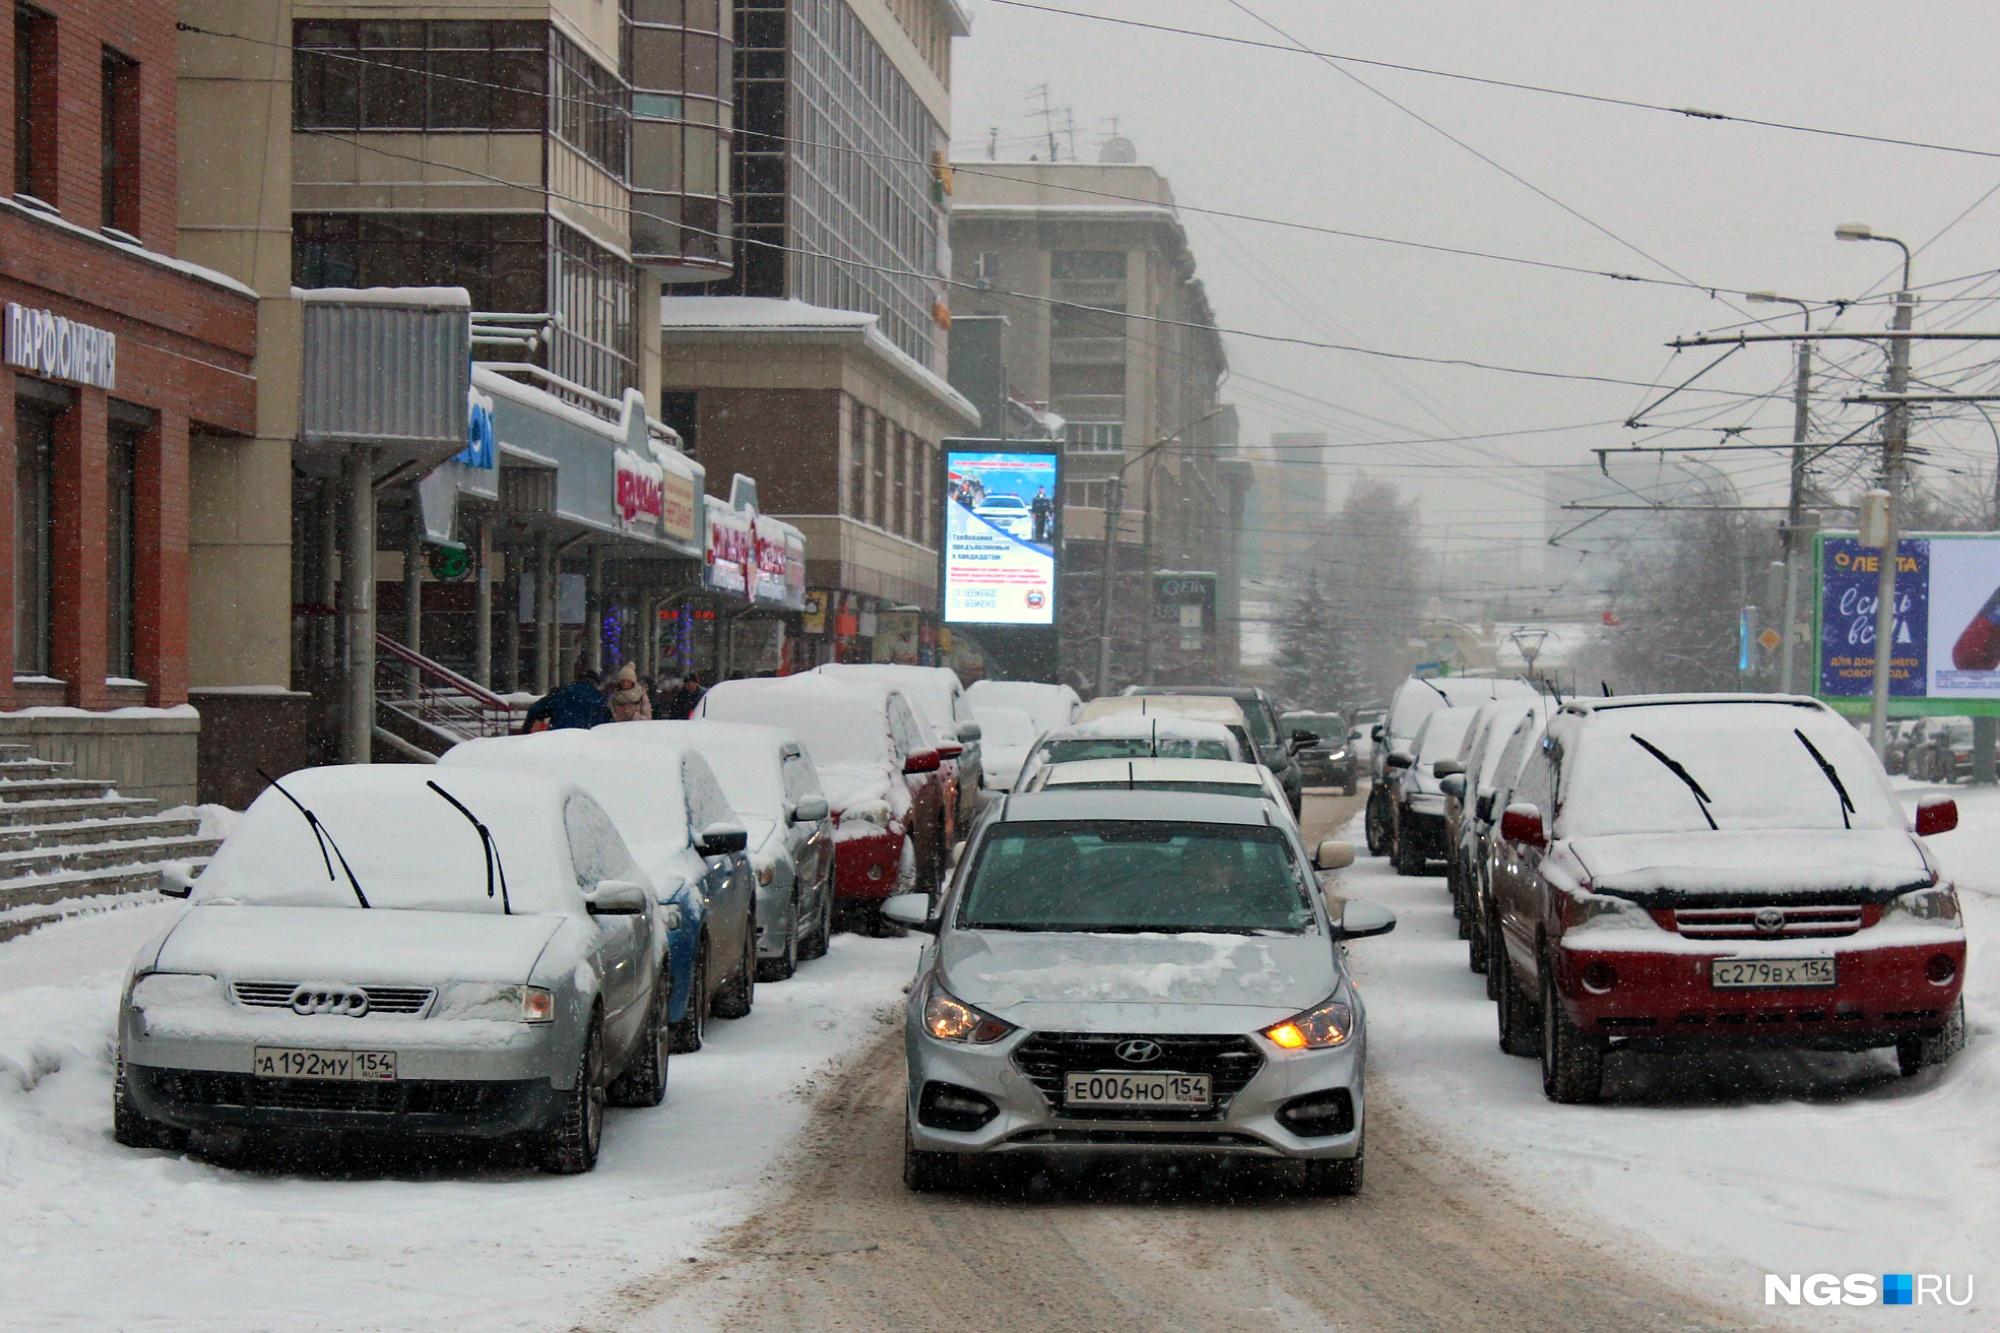 Автомобили на Депутатской в Новосибирске